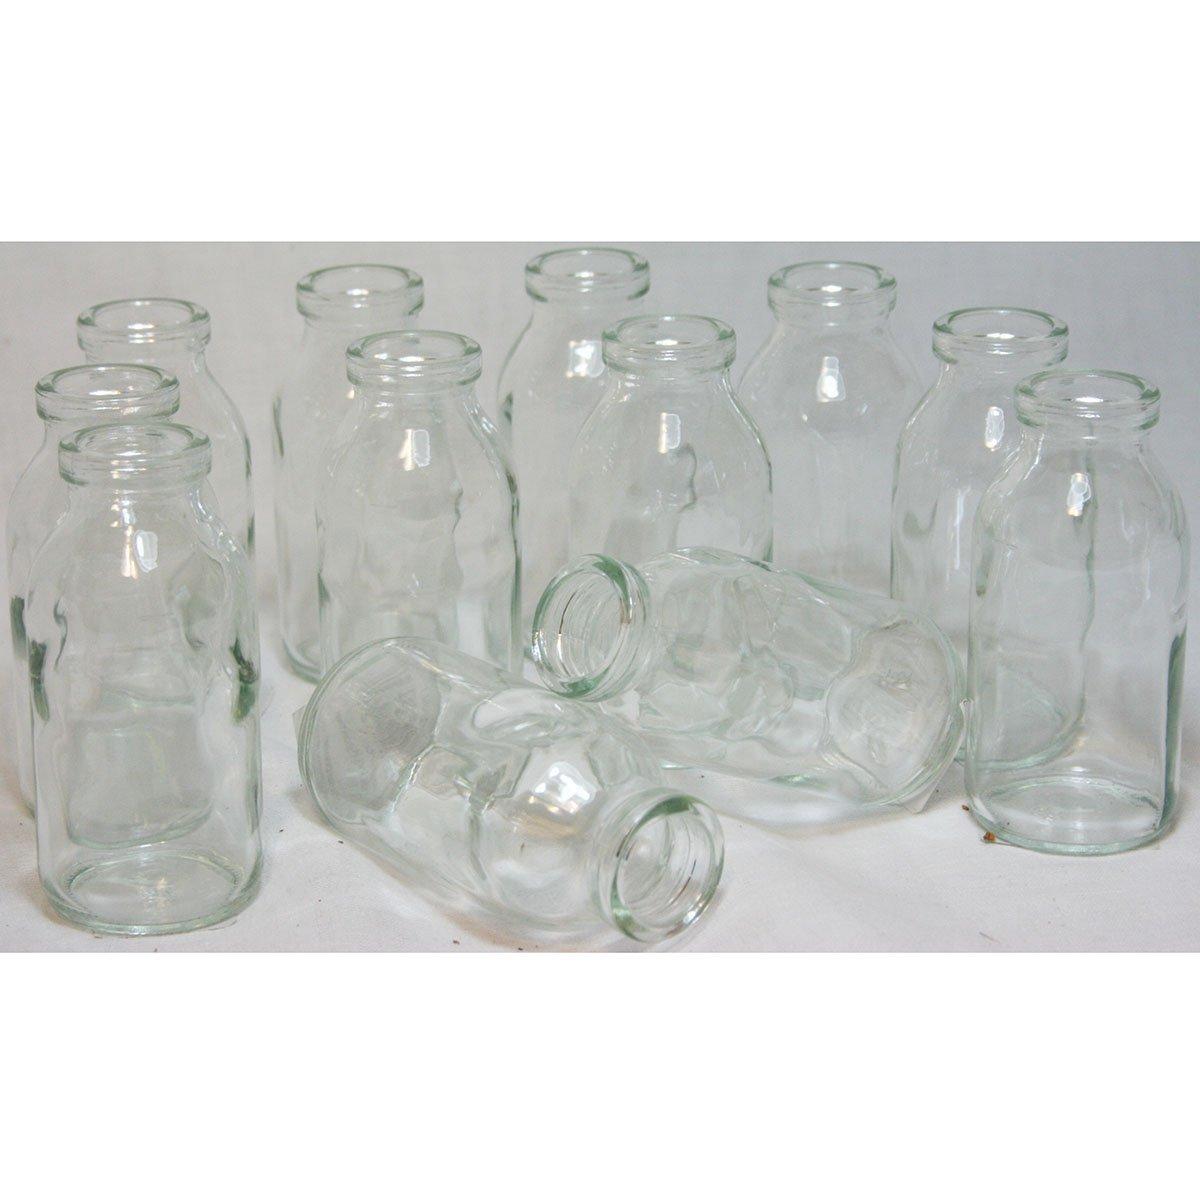 Glasfläschchen im Landhausstil, 12er